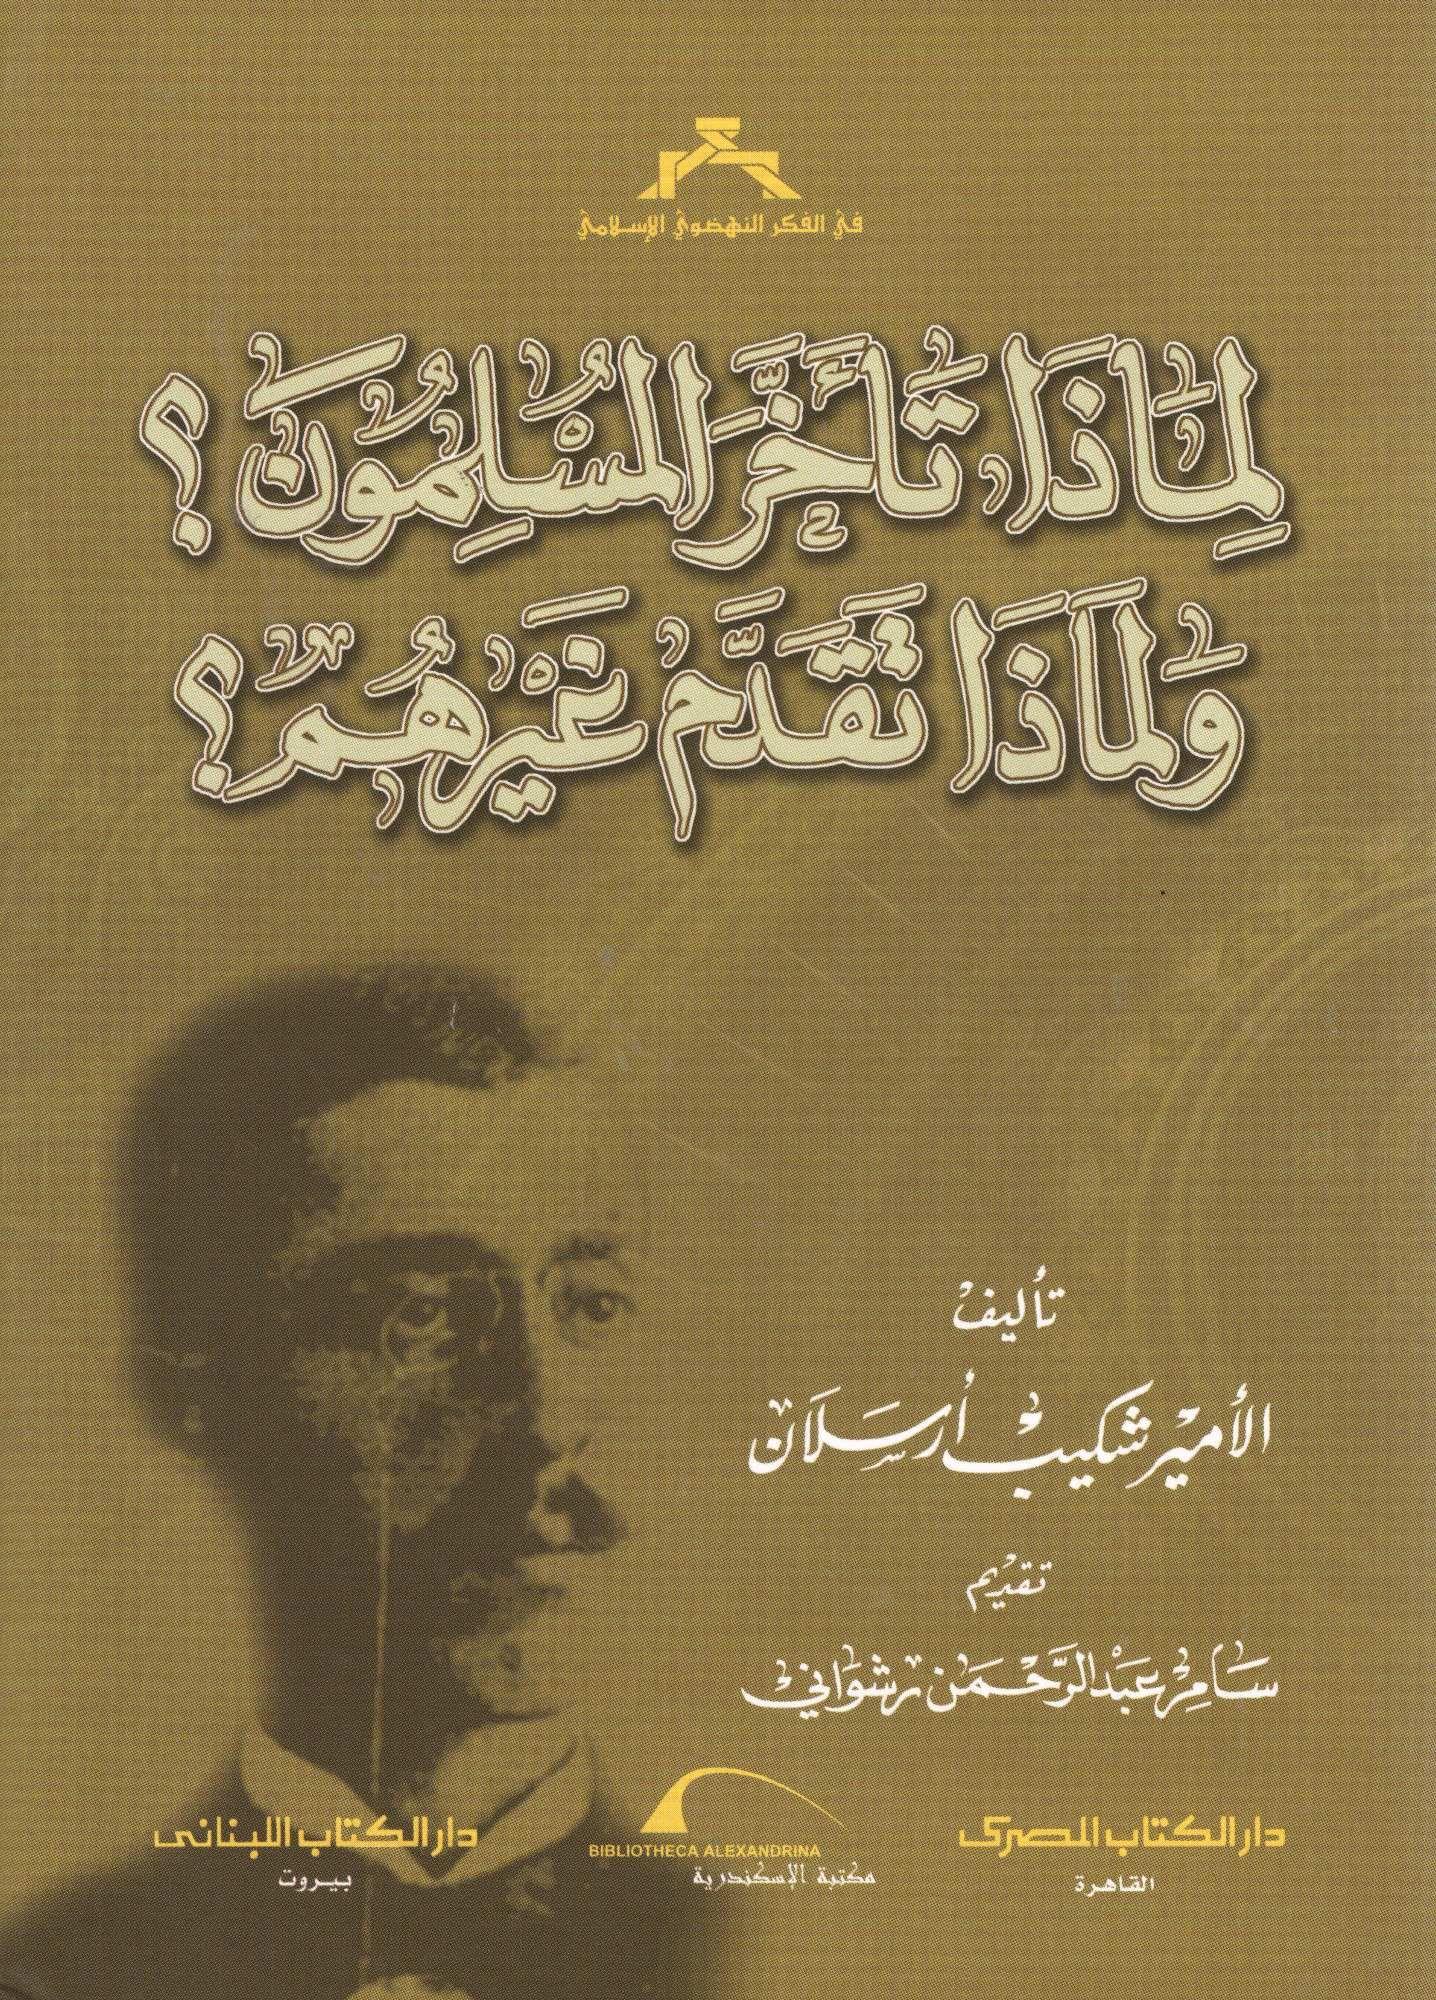 تحميل كتاب لماذا تأخر المسلمون ولماذا تقدم غيرهم Pdf شكيب أرسلان Pdf Books Reading Book Club Books Arabic Books